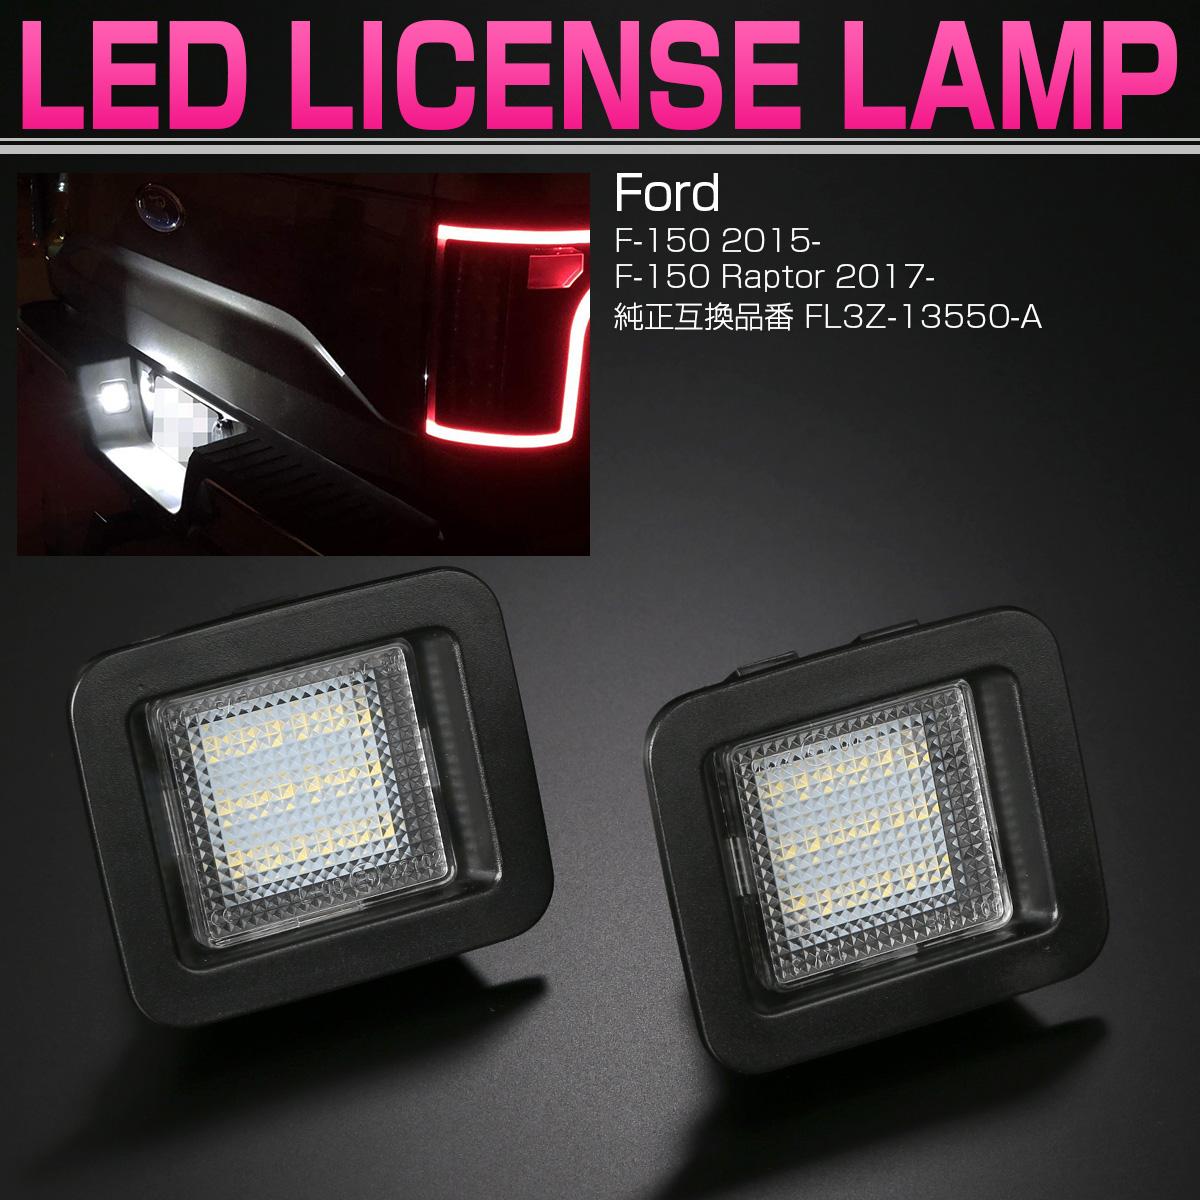 フォード F-150 Raptor LED ライセンスランプ ナンバー灯 F-150 2015- ラプター 2017- R-144